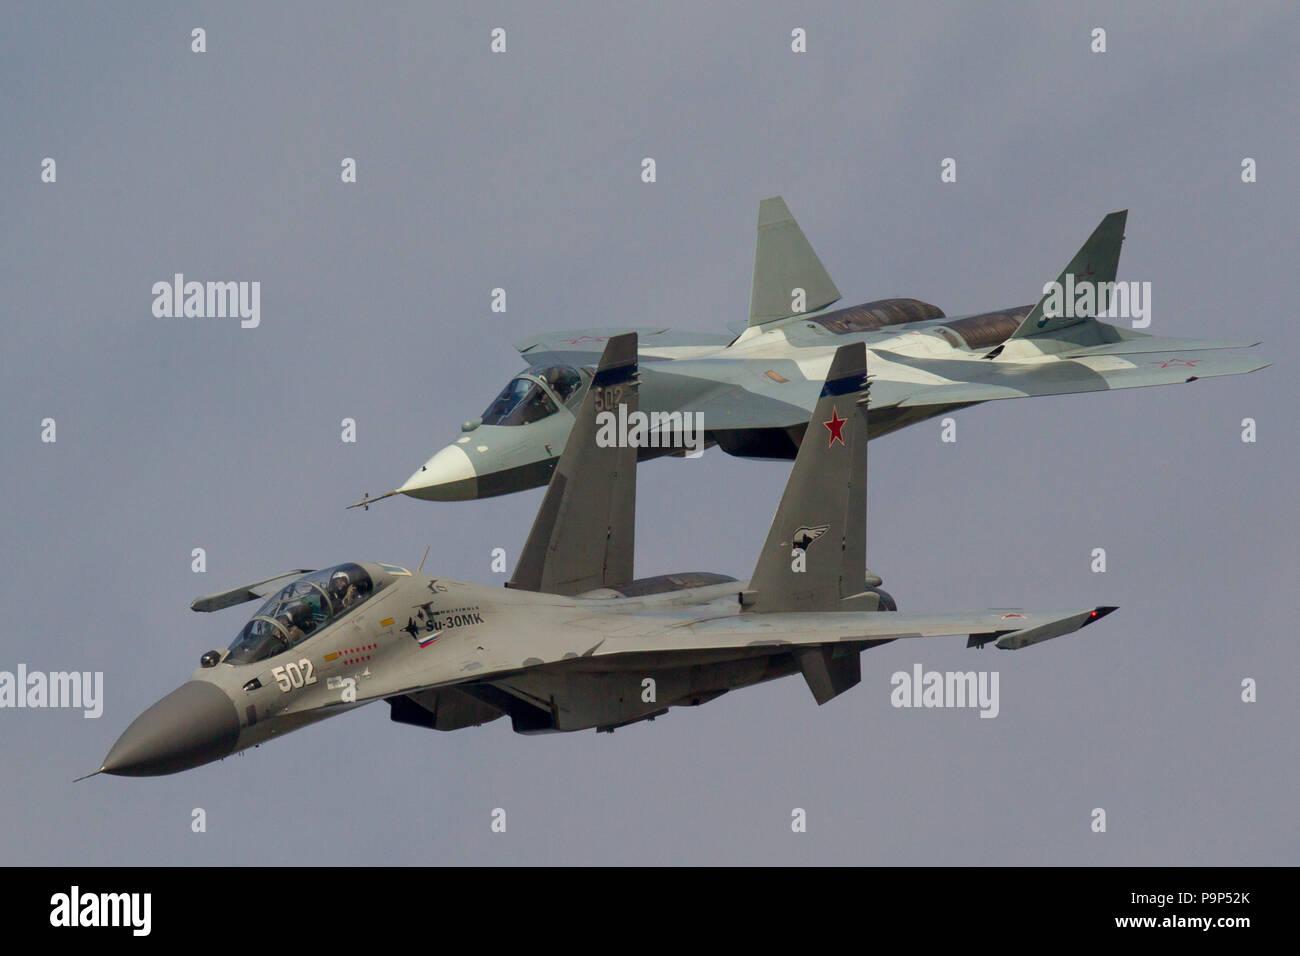 Sukhoi T-50 y Sukhoi Su-30MK aviones caza de la Fuerza Aérea rusa volar en formación en MAKS-2013 International Airshow cerca de Zhukovsky, Rusia Foto de stock